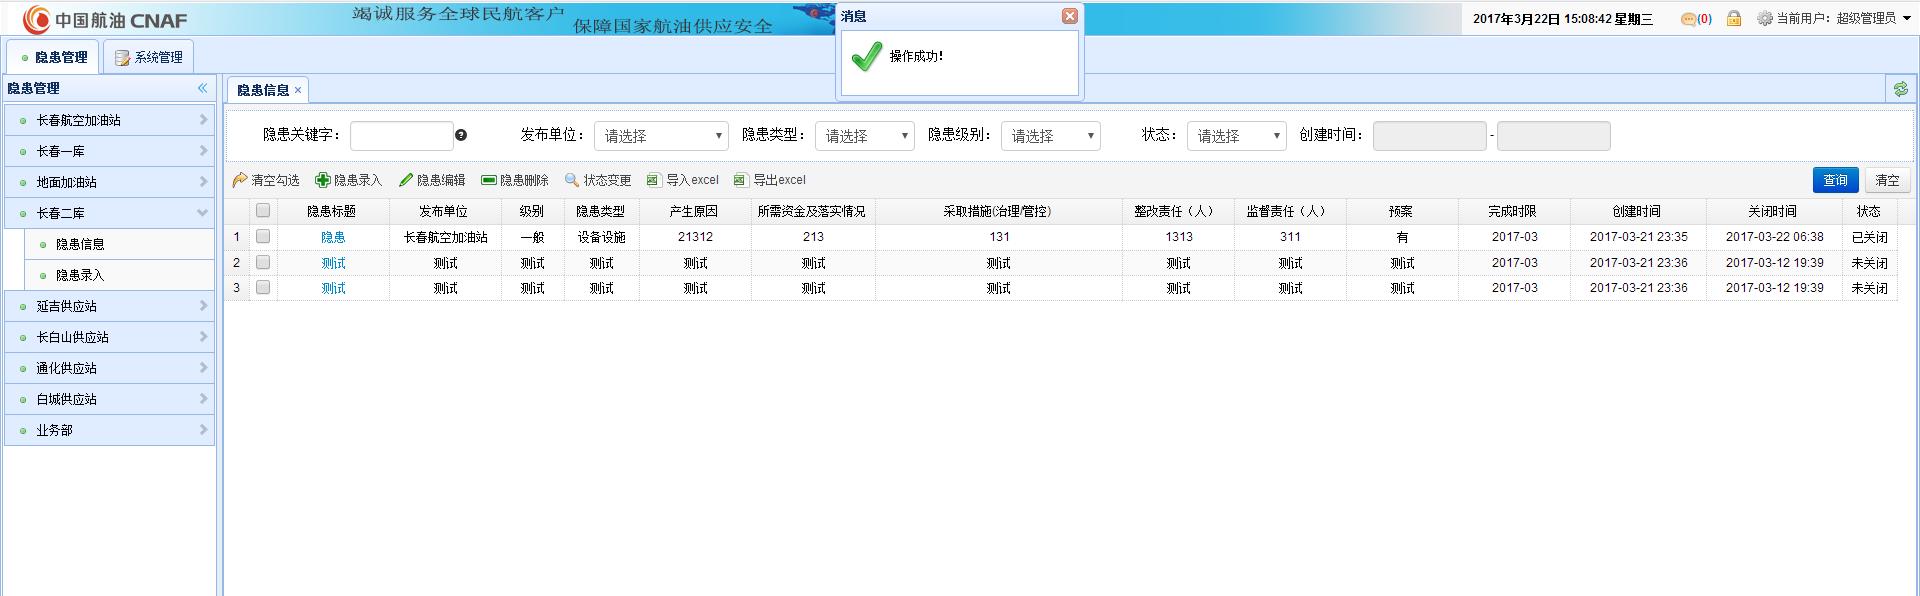 中国航油吉林分公司信息库